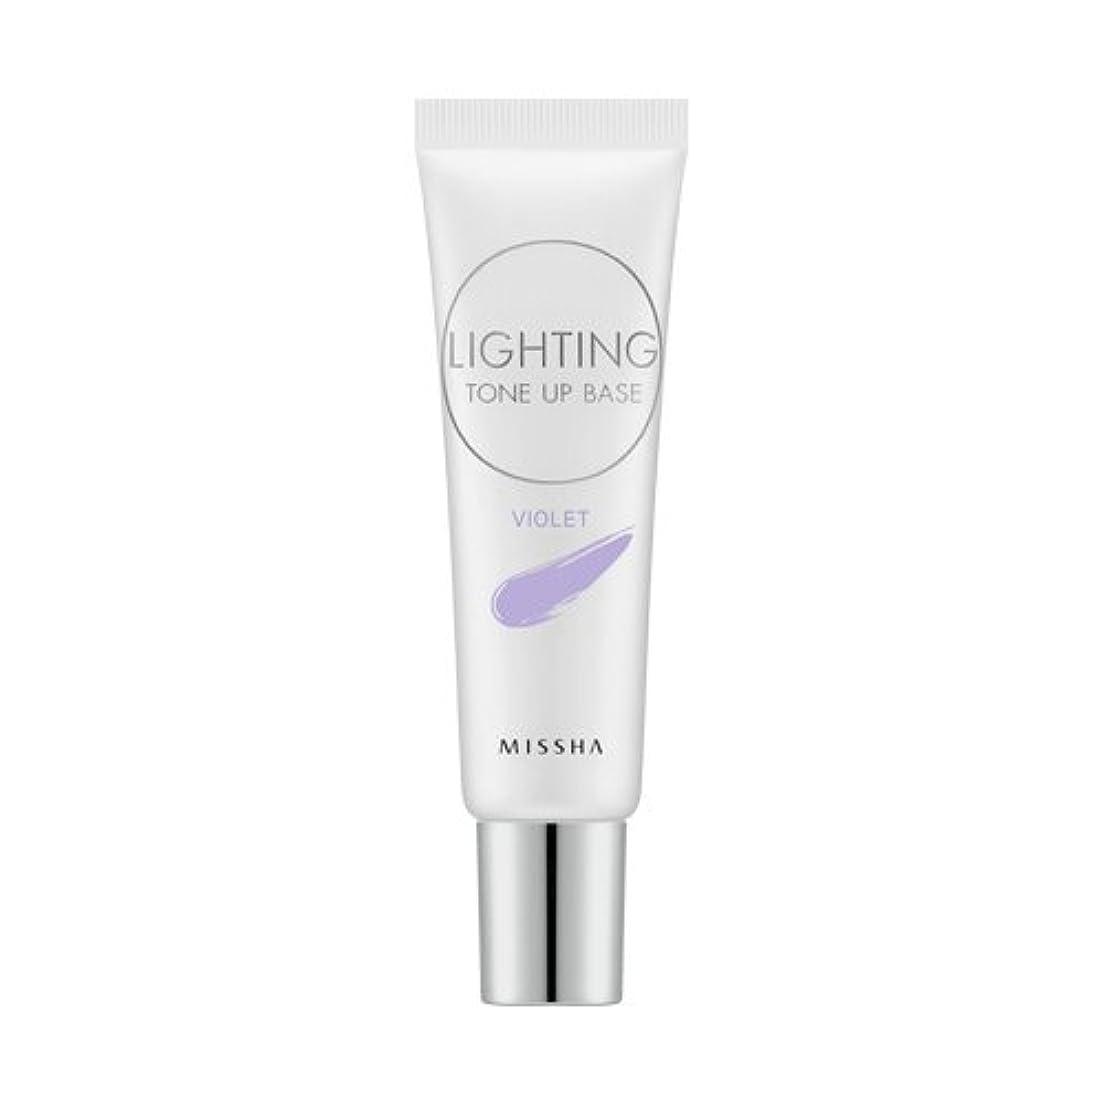 通路主観的服を着るMISSHA Lighting Tone Up Base 20ml/ミシャ ライティング トーン アップ ベース 20ml (#Violet)